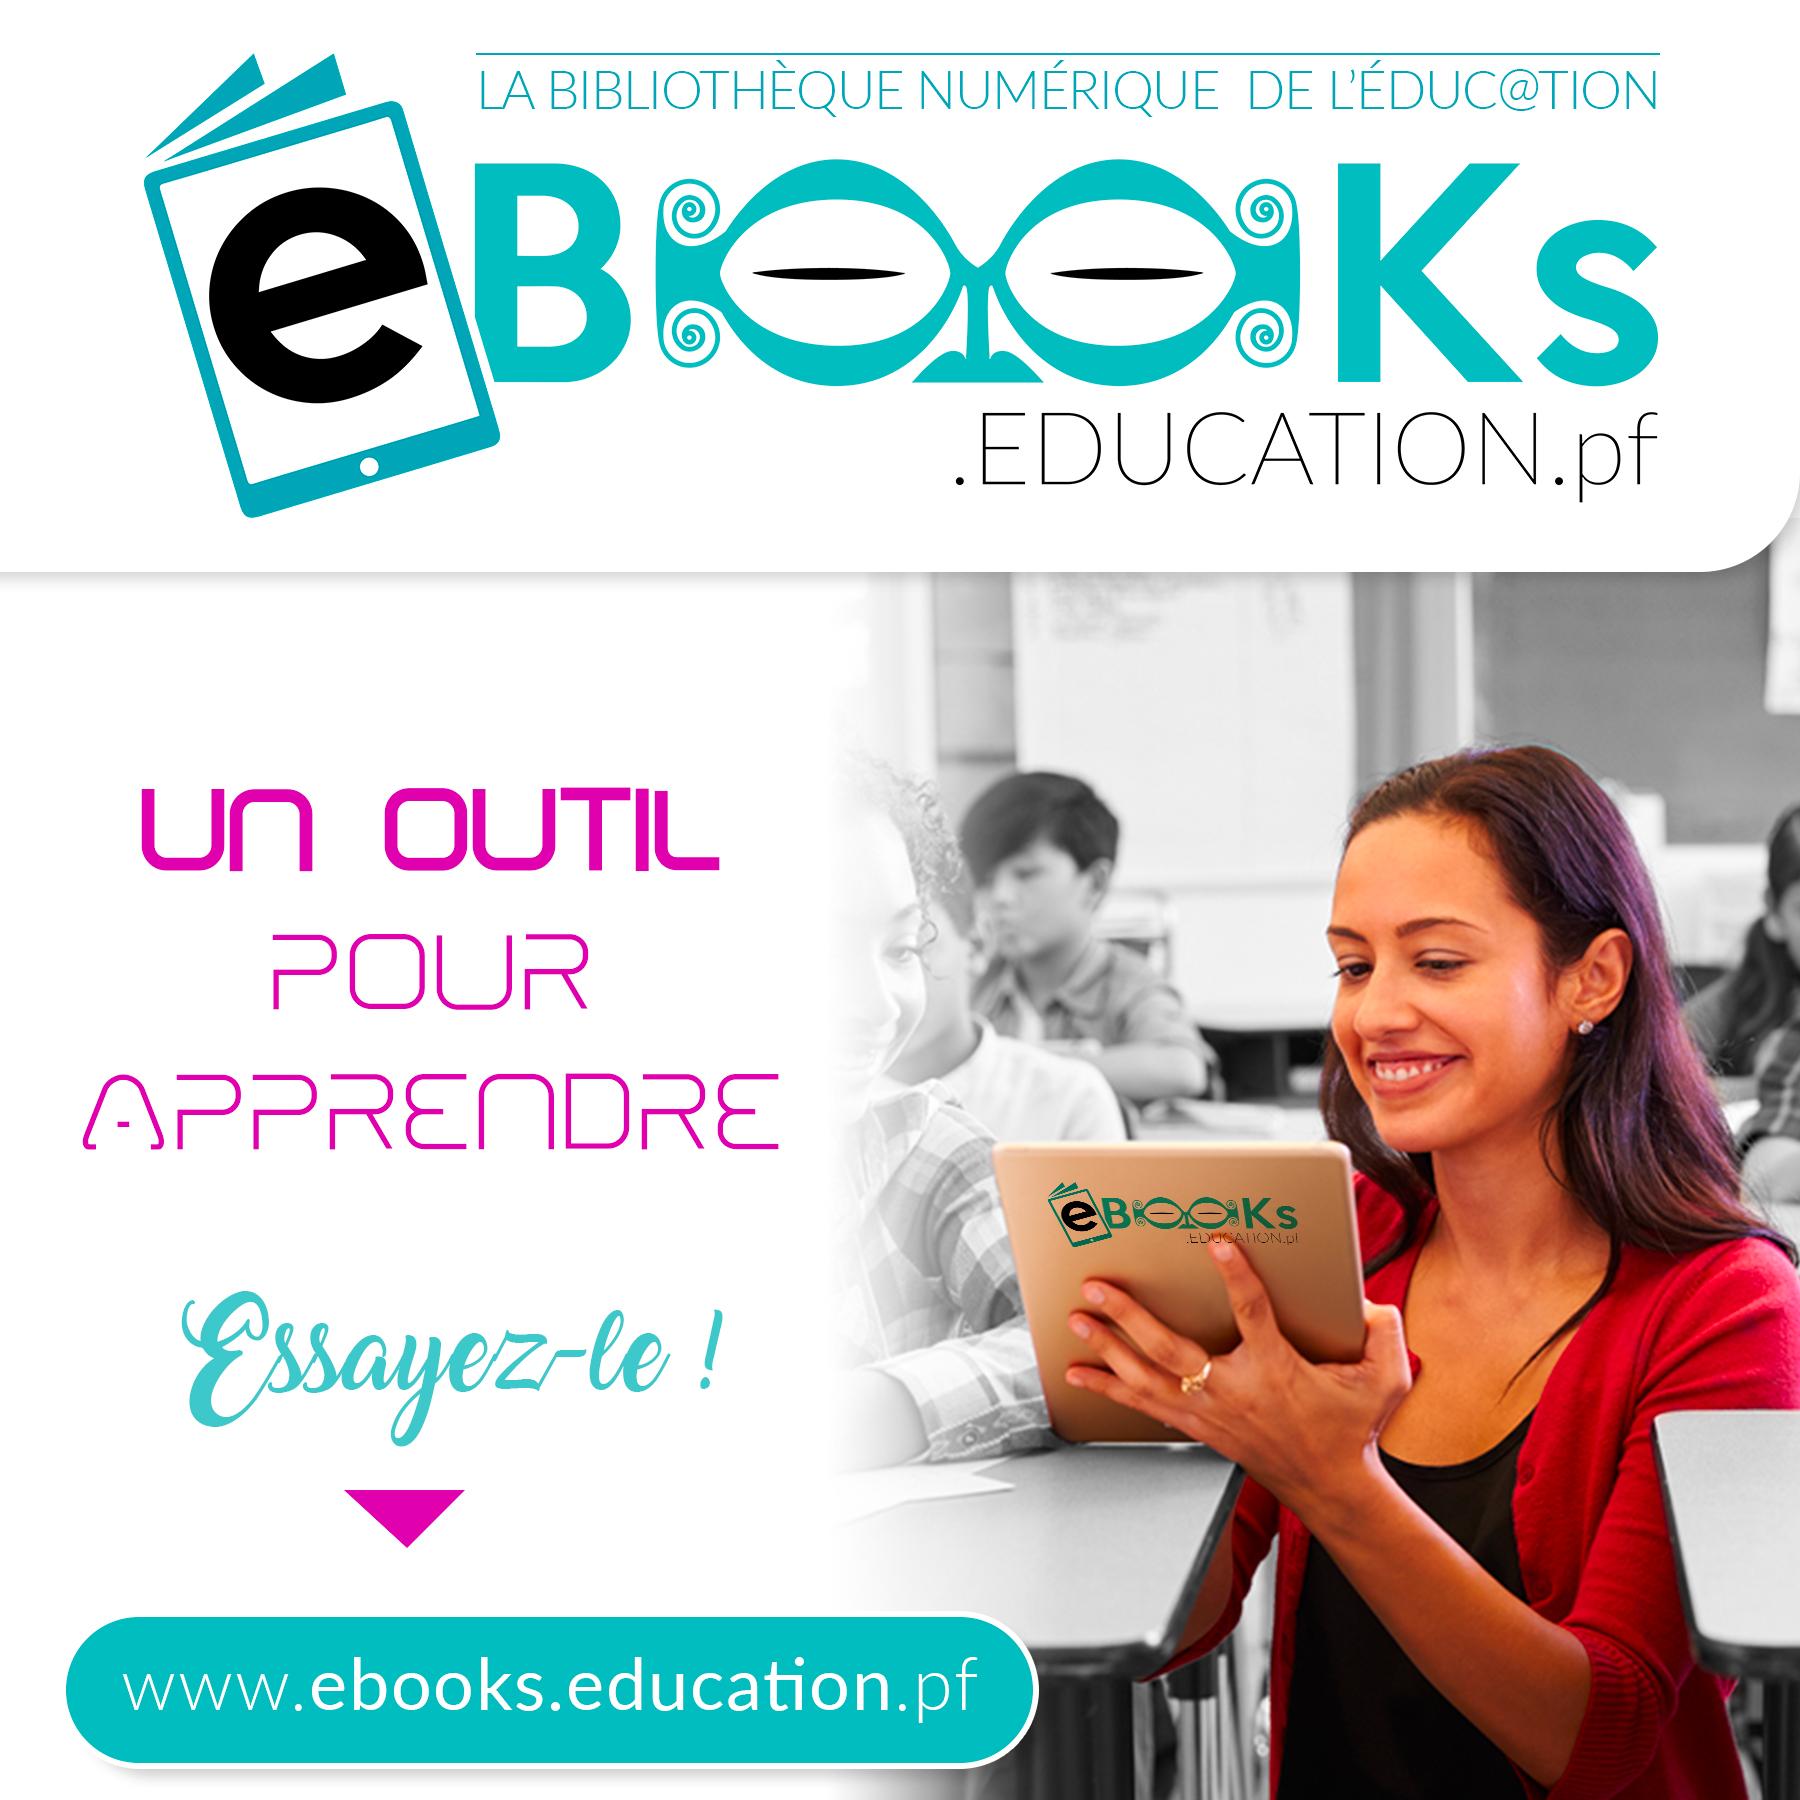 pub5-ebookseducation-carre